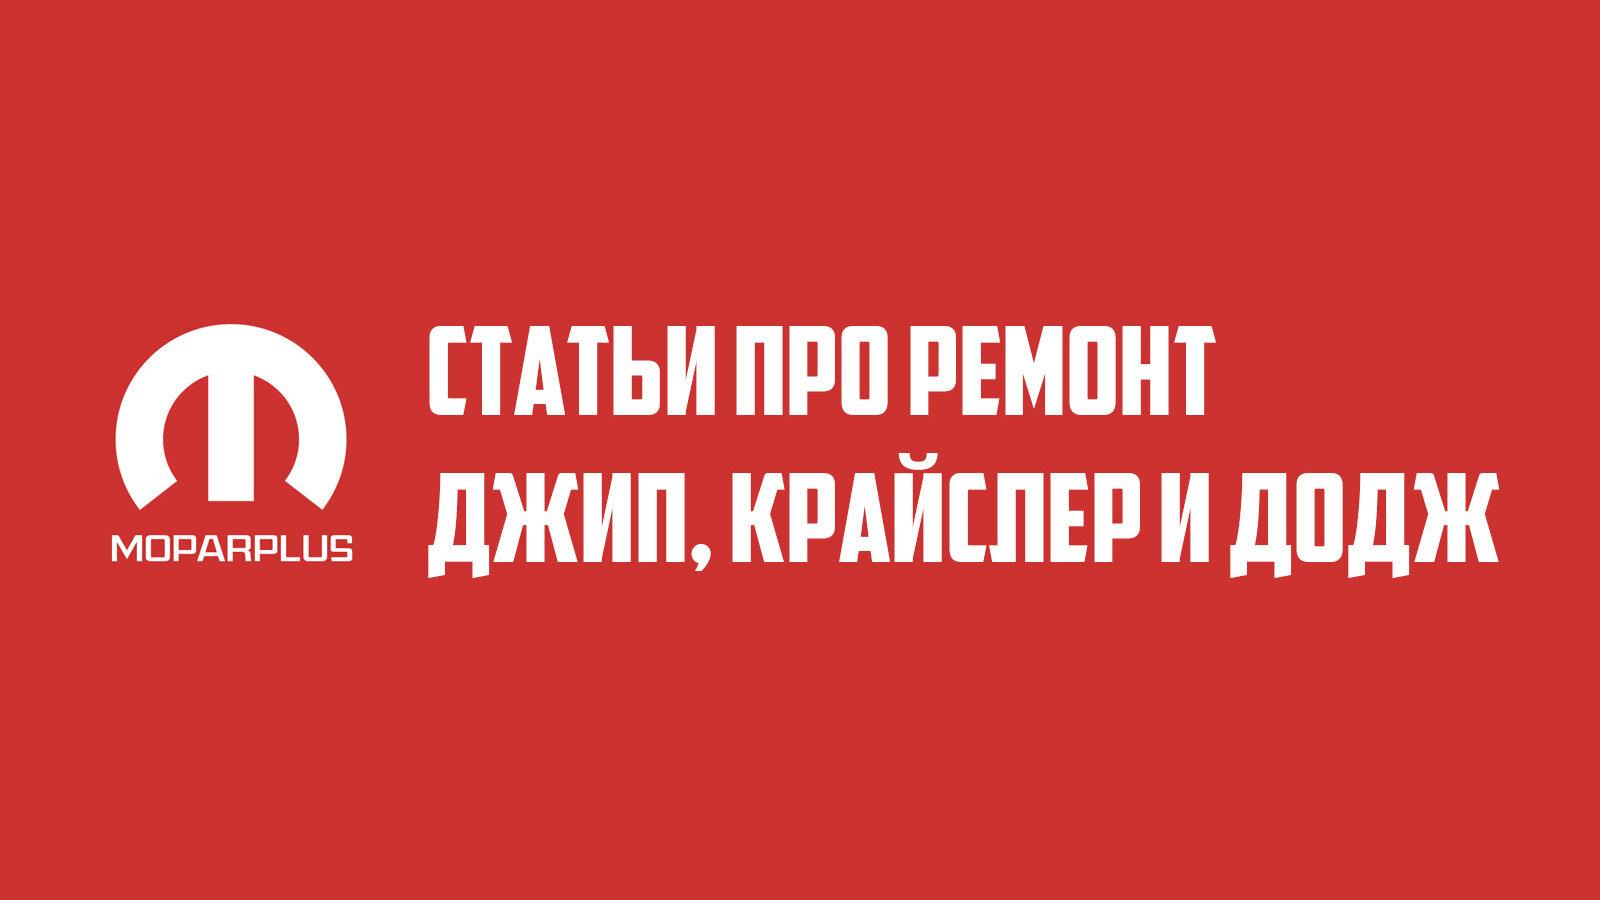 Статьи про ремонт. Выпуск №76.